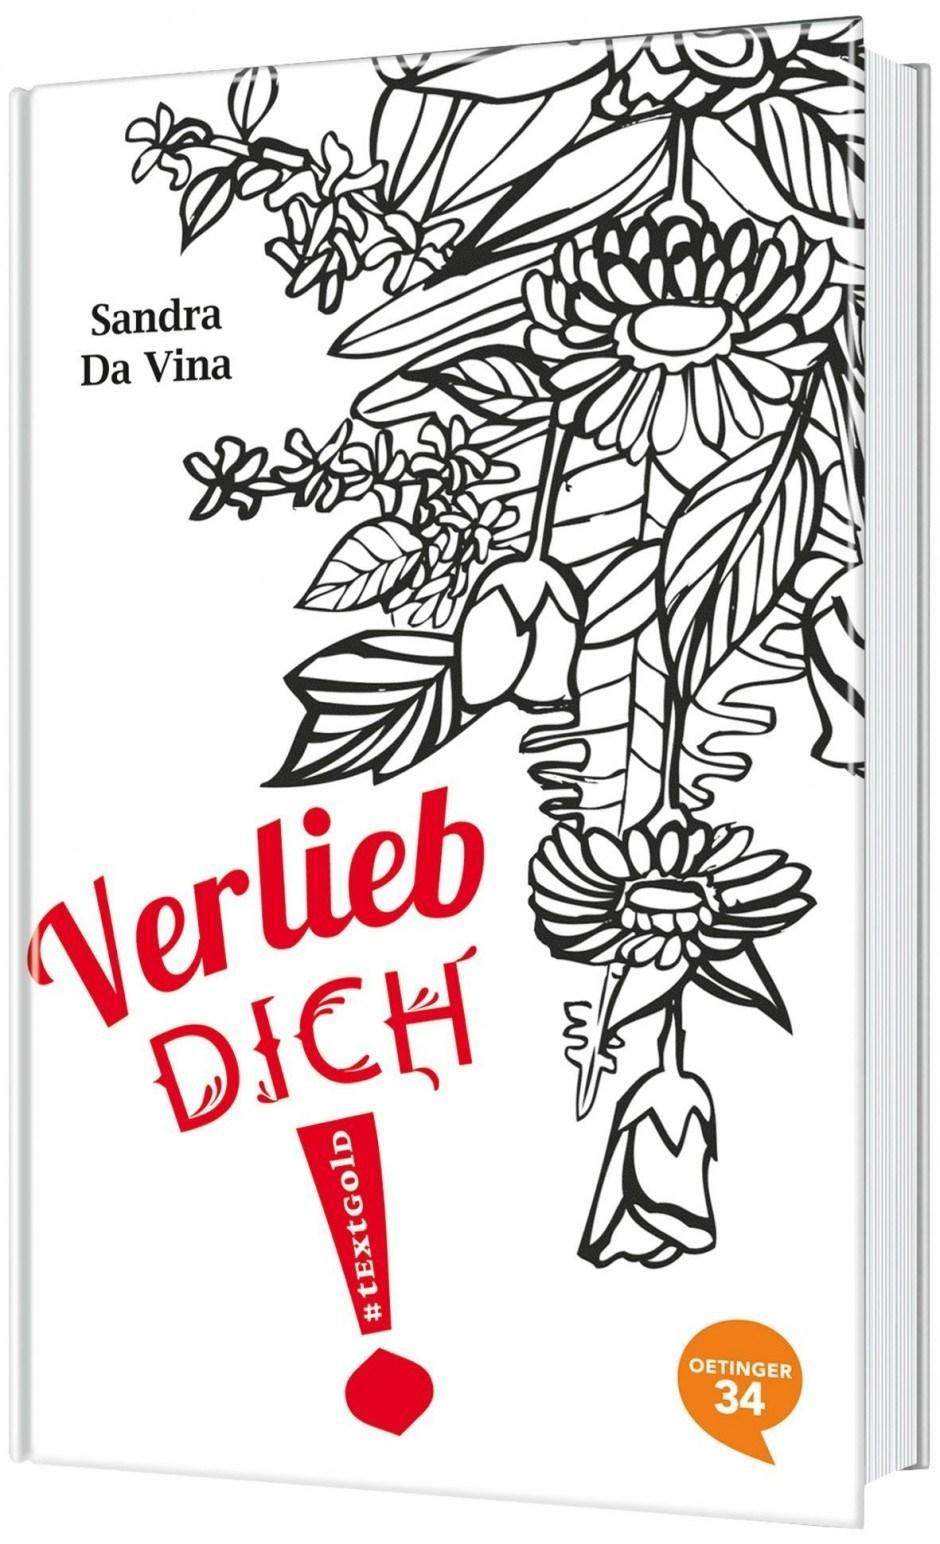 Cover »Verlieb dich!« von Sandra da Vina/Kirsten Gattermann, Oetinger34